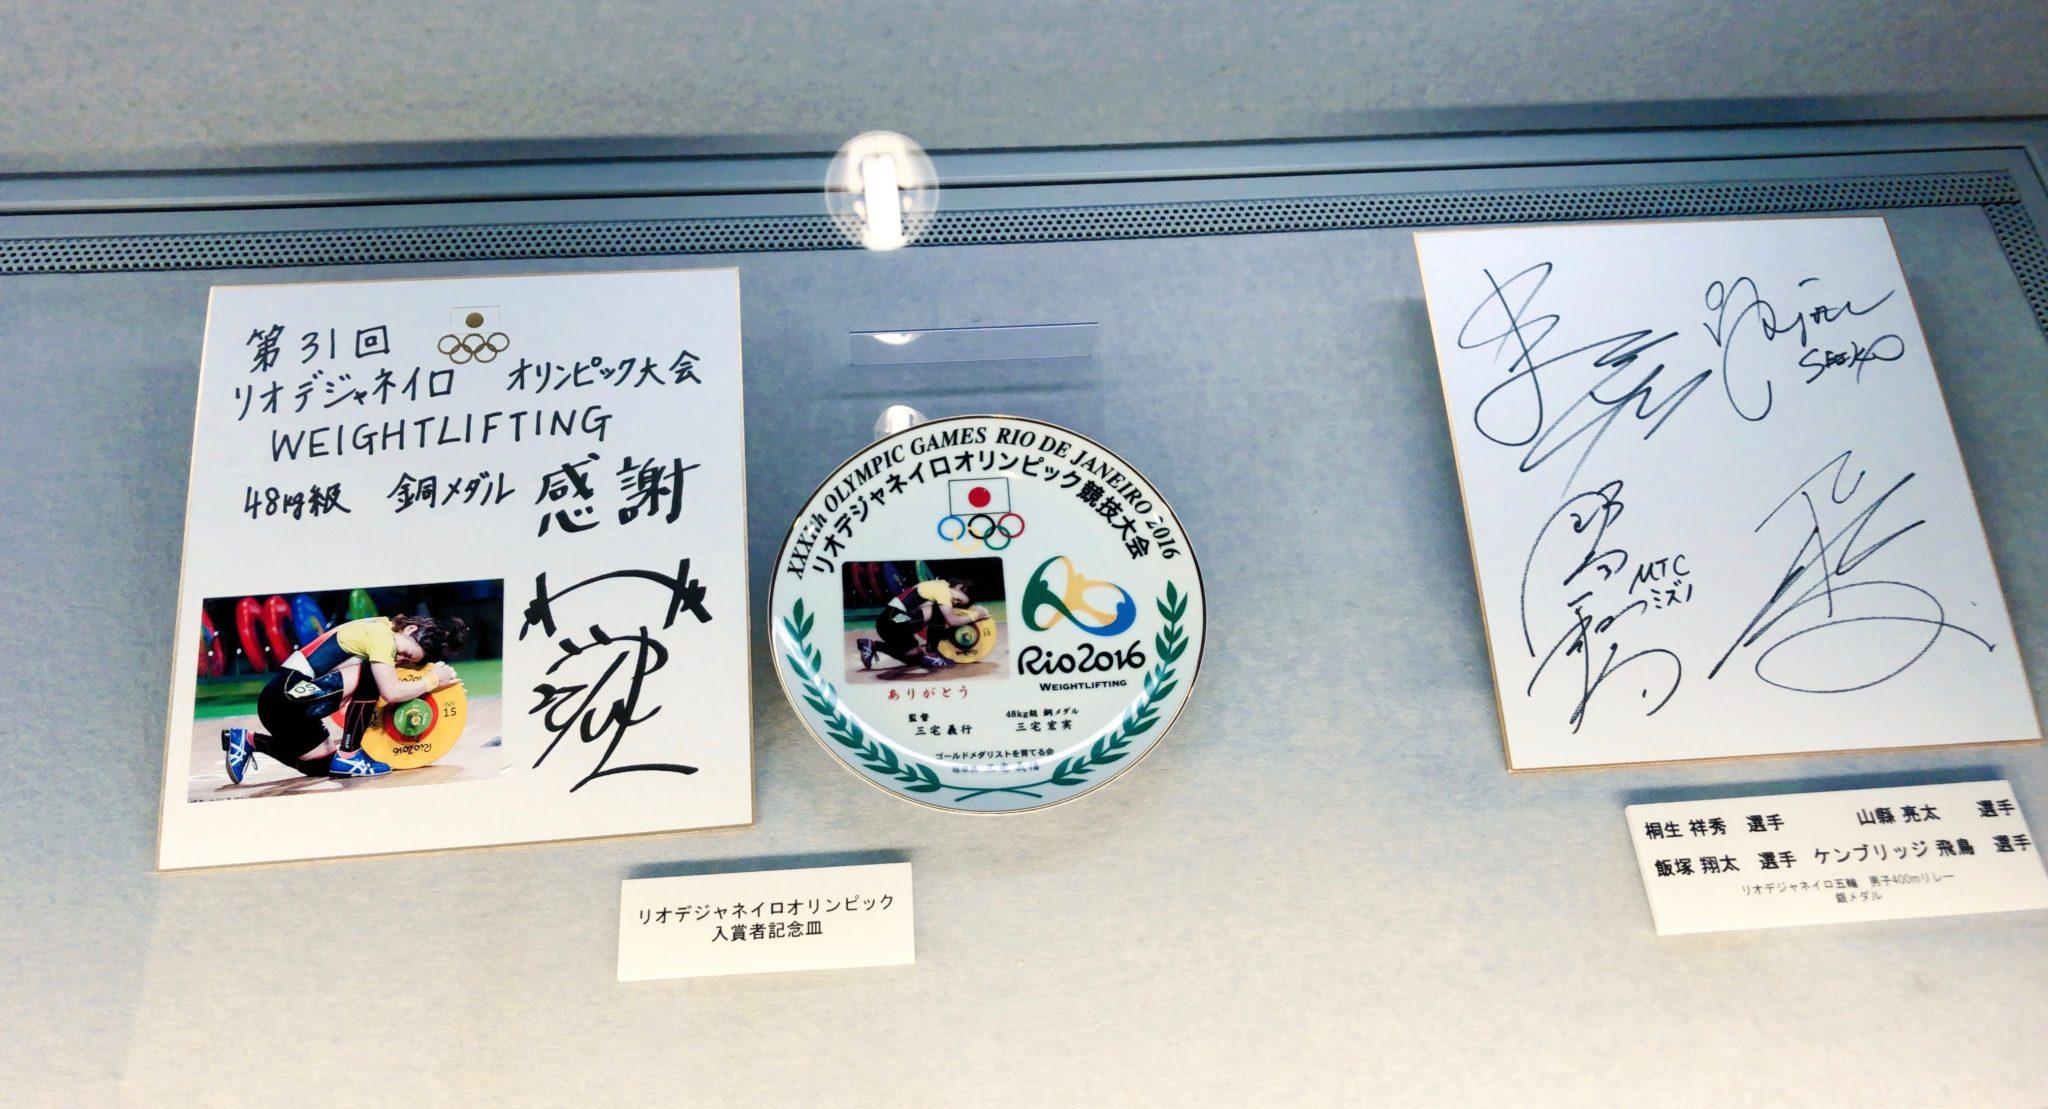 駒沢オリンピック公園オリンピックメモリアルギャラリーのオリンピアンの生サイン